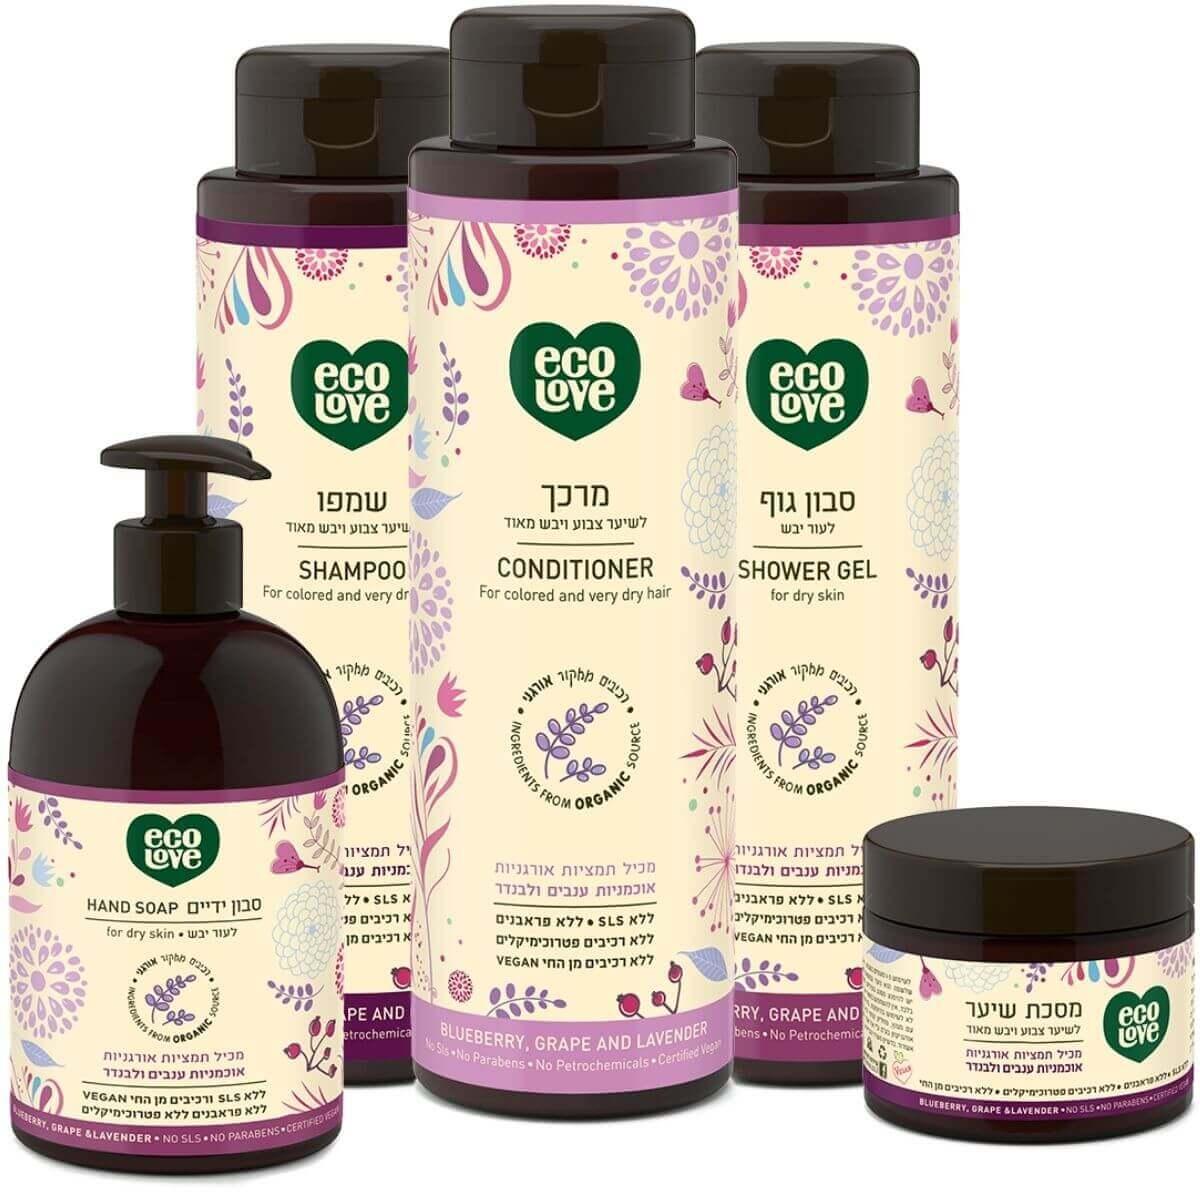 אקו לאב באנדל   הסדרה הסגולה: שמפו + מרכך + סבון גוף + סבון ידיים + מסכה ecoloveתמונה של